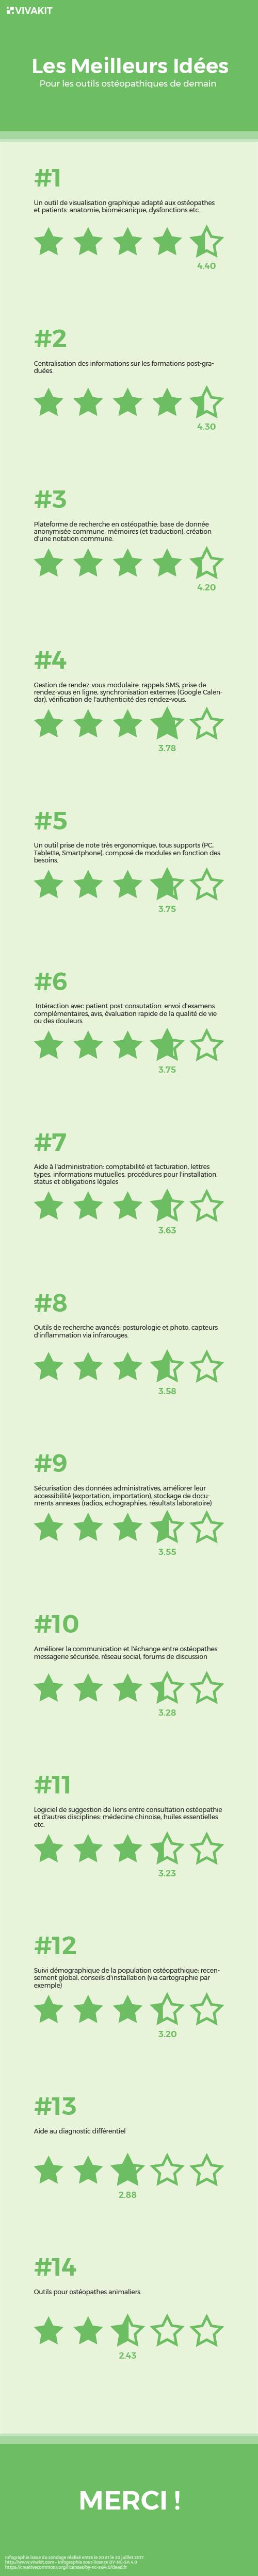 infographie sondage ostéopathie outils numériques votes